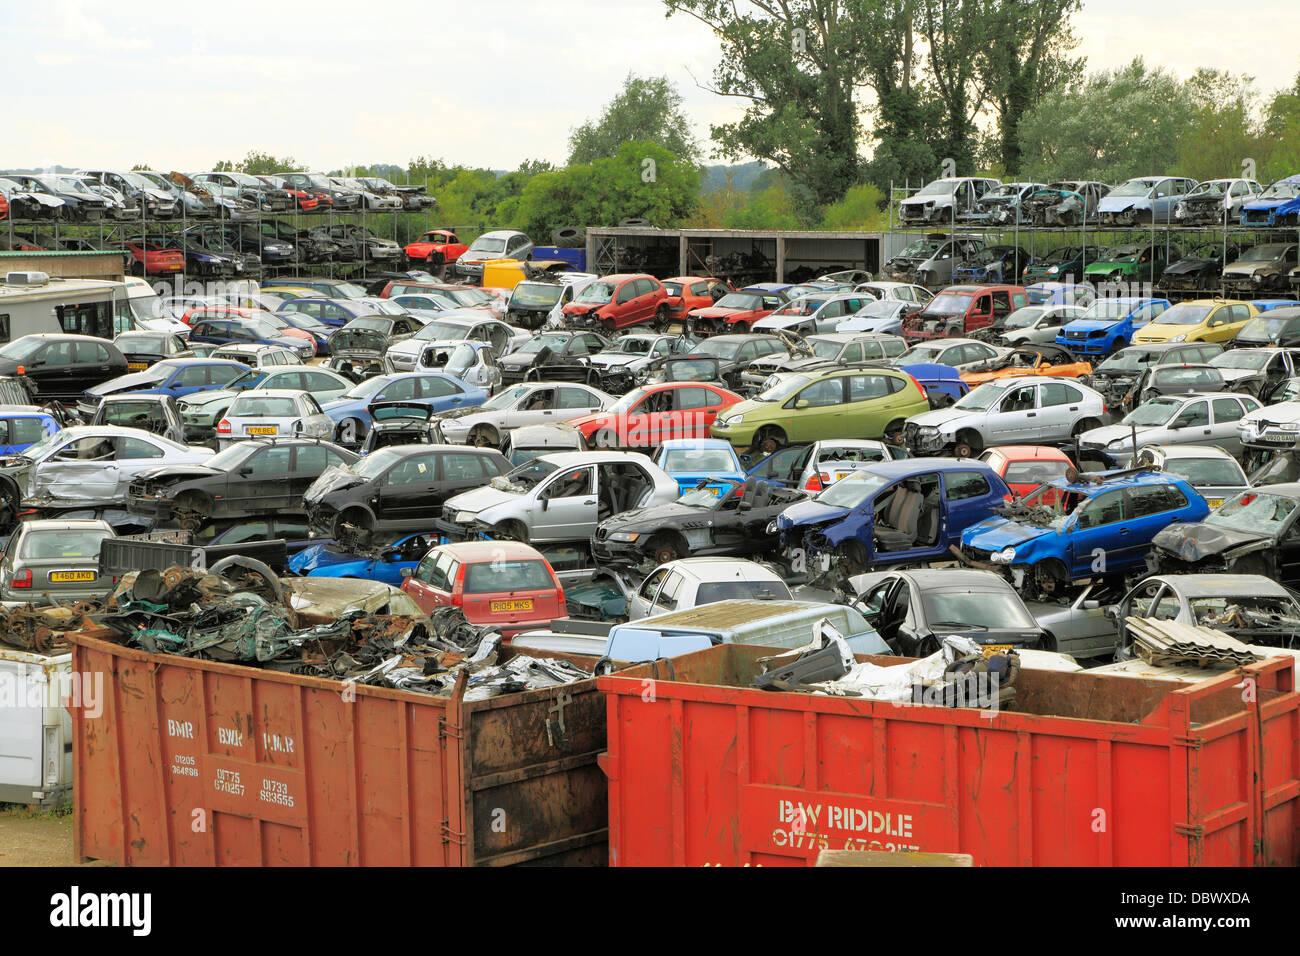 Zerstörte Fahrzeuge Dump, Schrottplatz, recycling-Depot Autos Schrottplätze dumps Depots Fahrzeug Wracks Stockbild